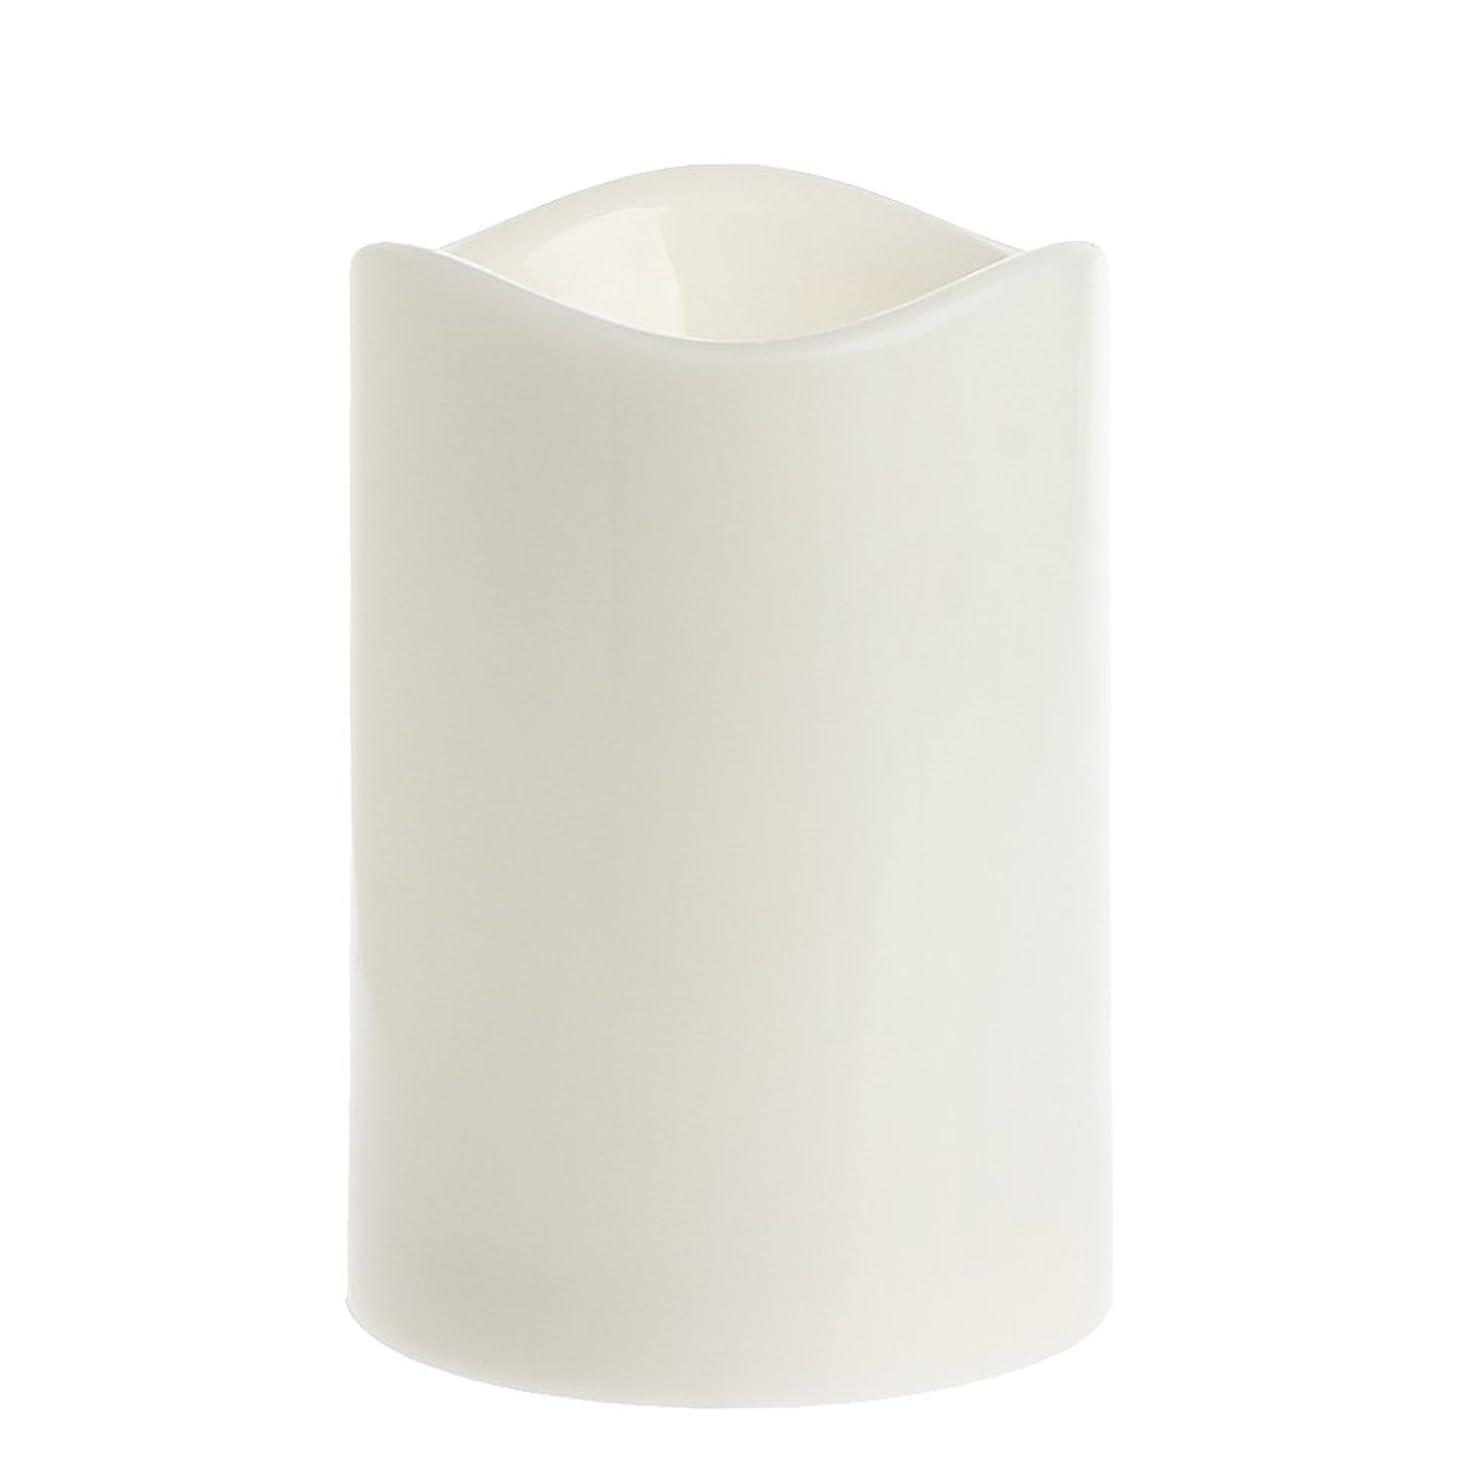 なめる小麦粉掃除SimpleLifeロマンチックFlameless LED電子キャンドルライトウェディング香りワックスホームインテリア